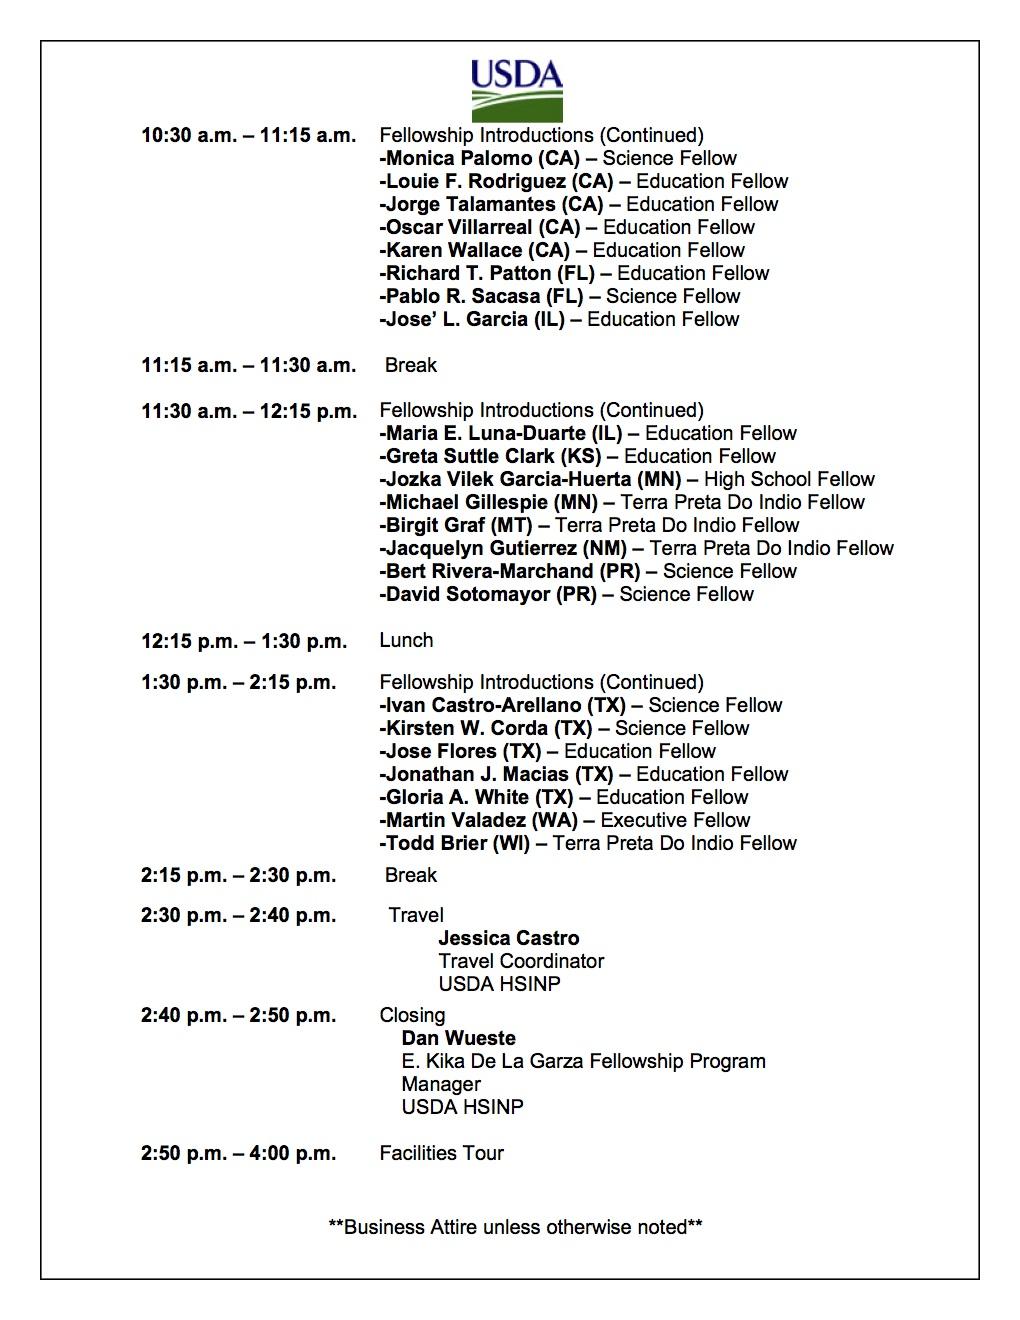 2012 USDA E. Kika De La Garza Fellowship Experience